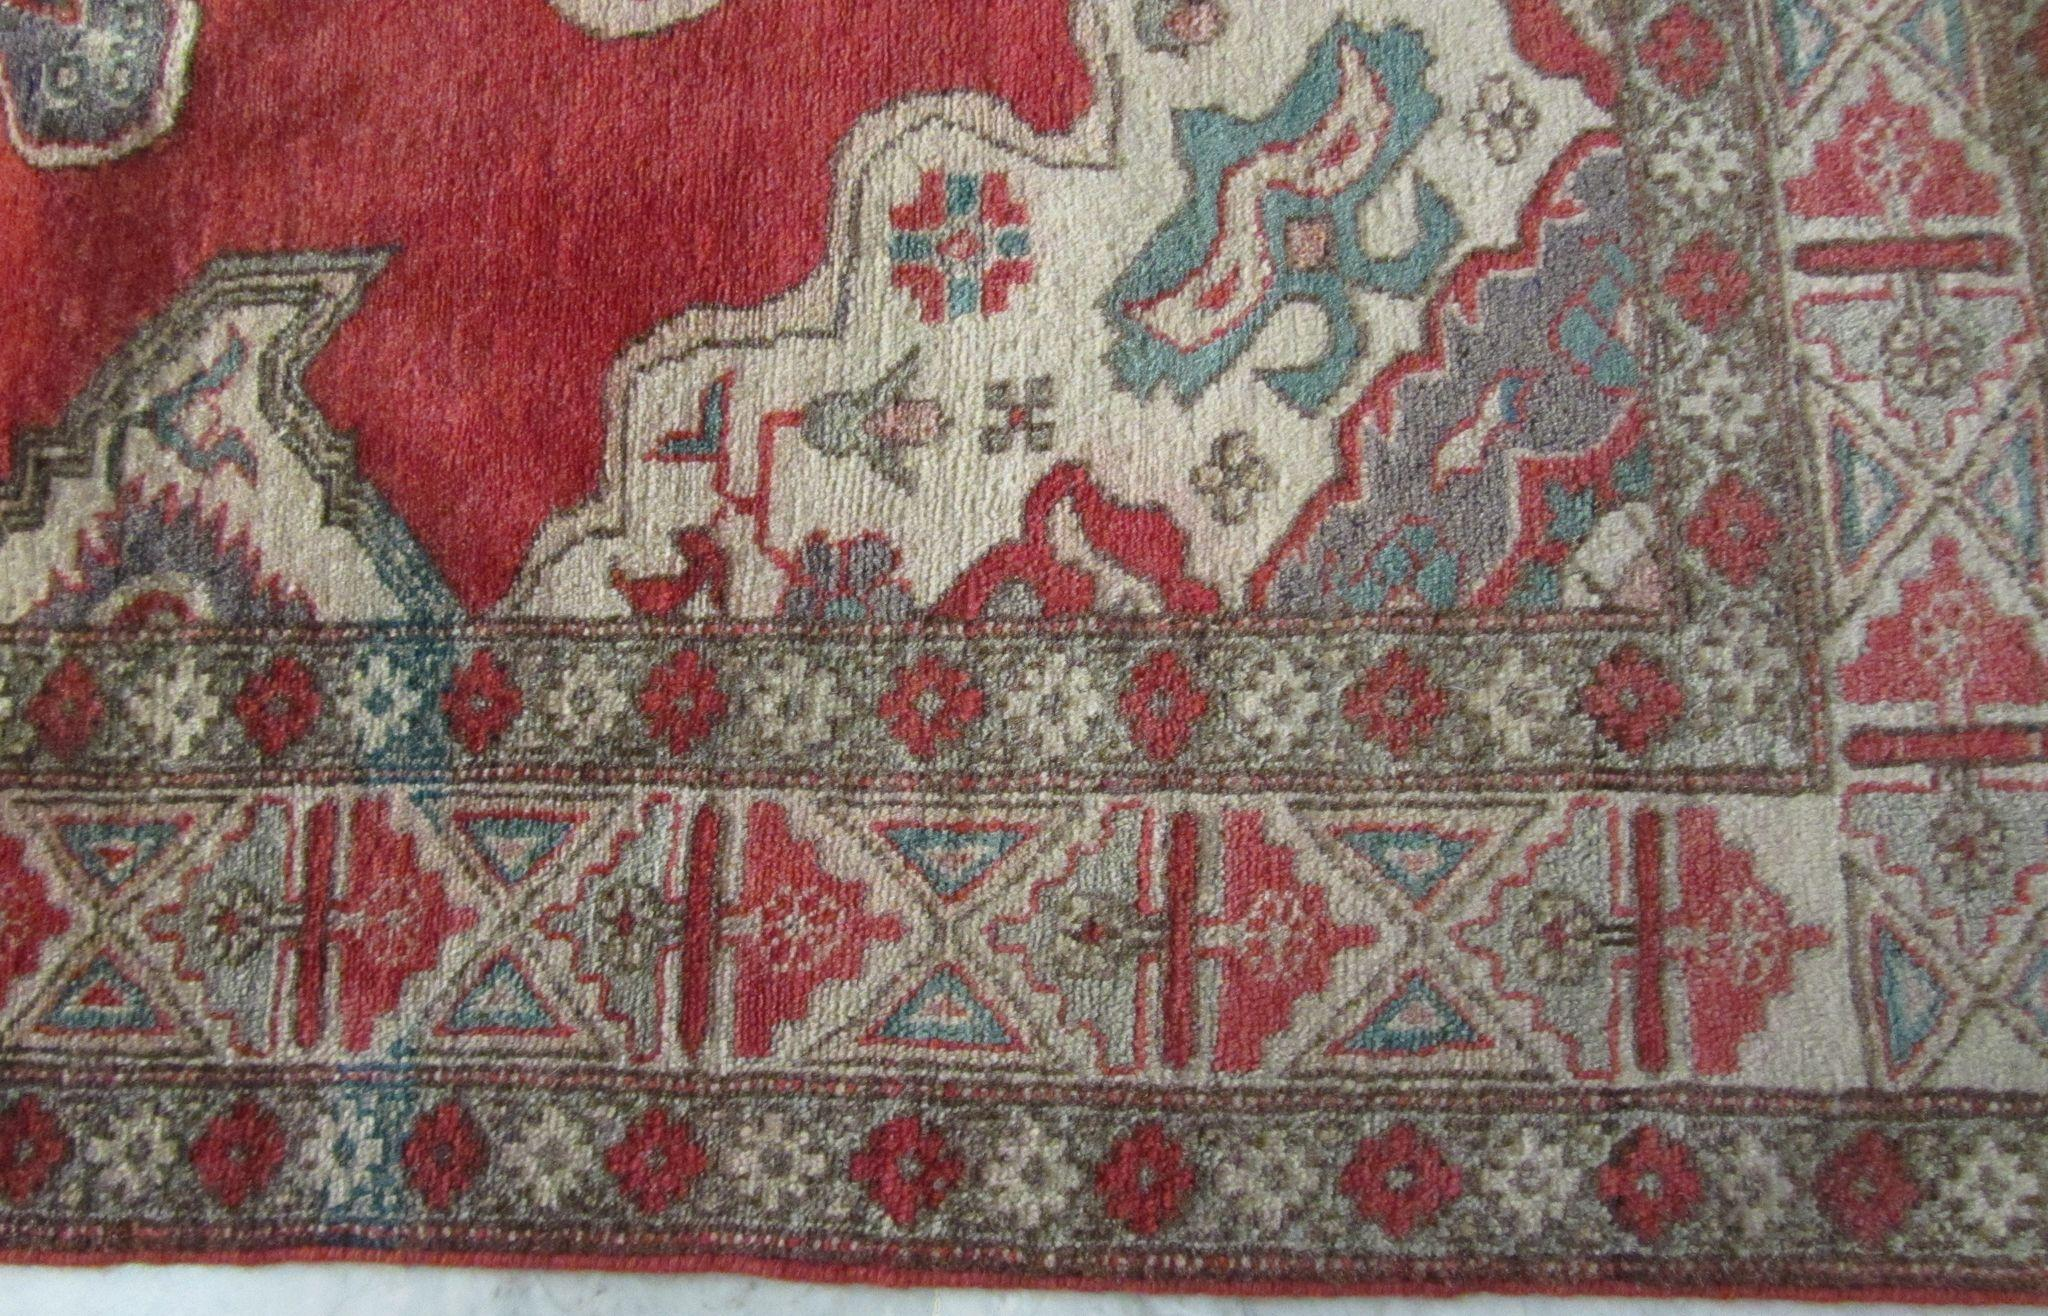 Antique Handmade Authentic Caucasian Rug 150 Years